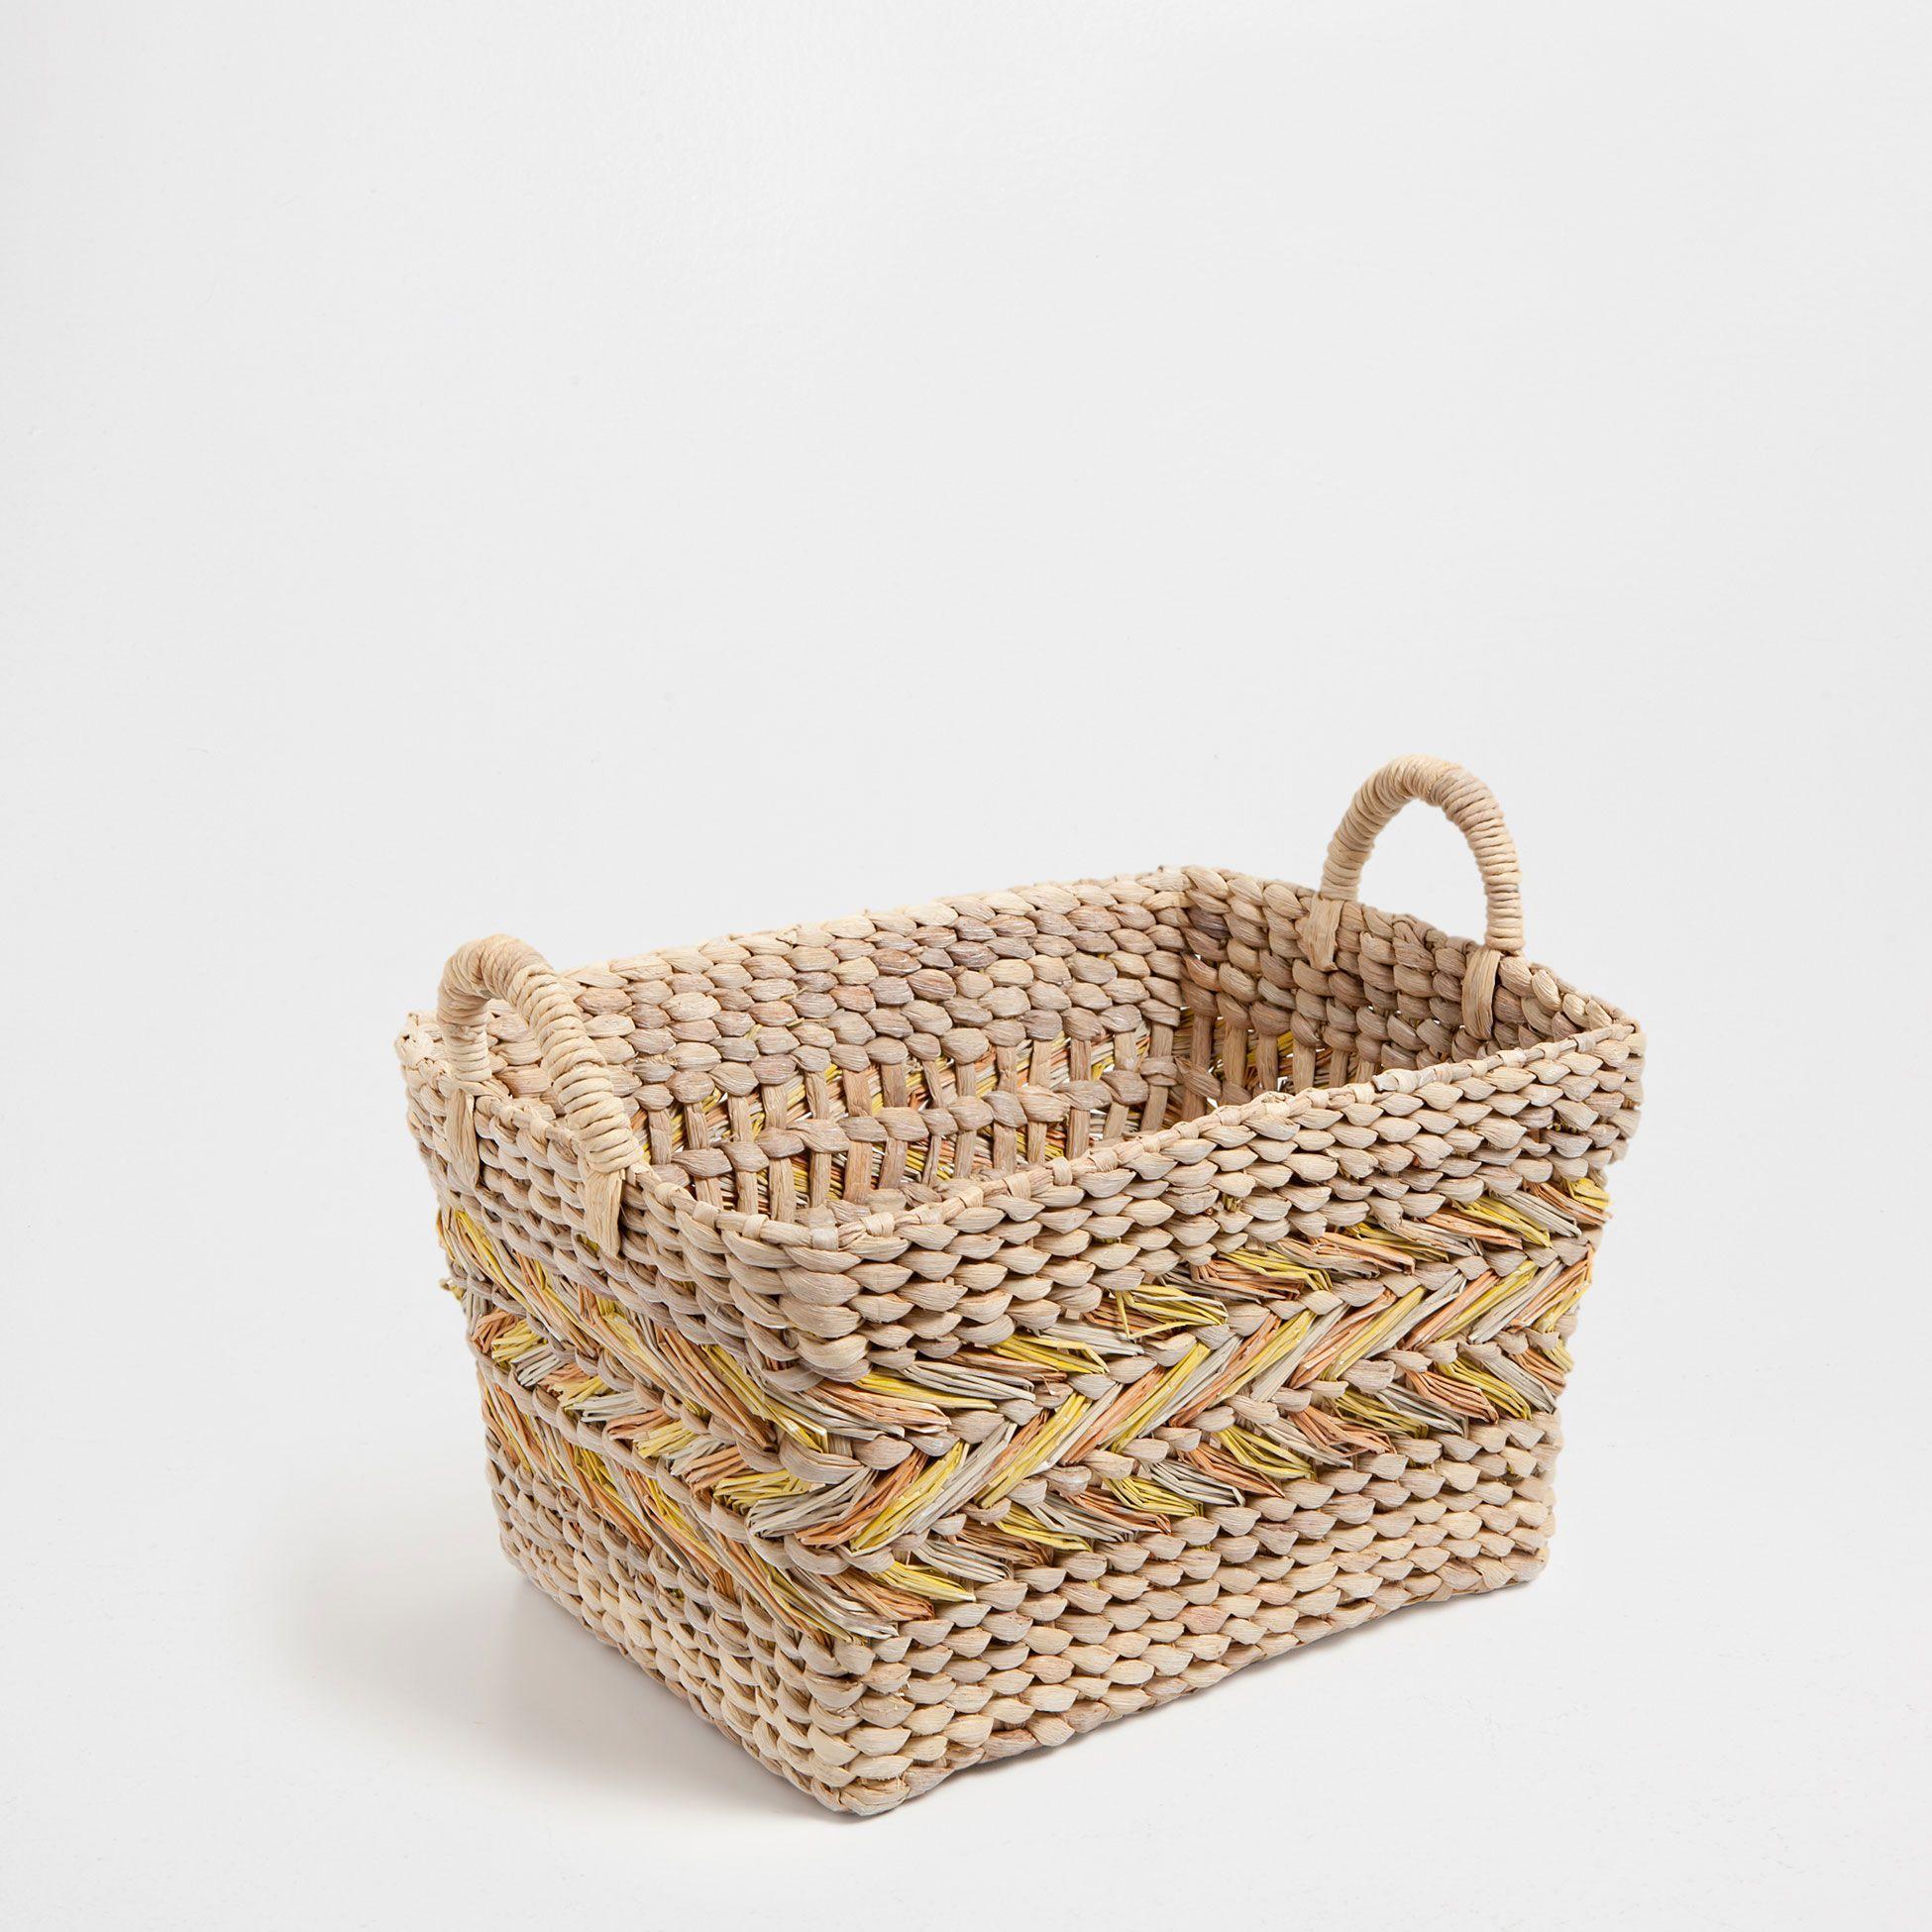 10 cesto jacinto natural cestos decora o promo es - Zara home portugal ...